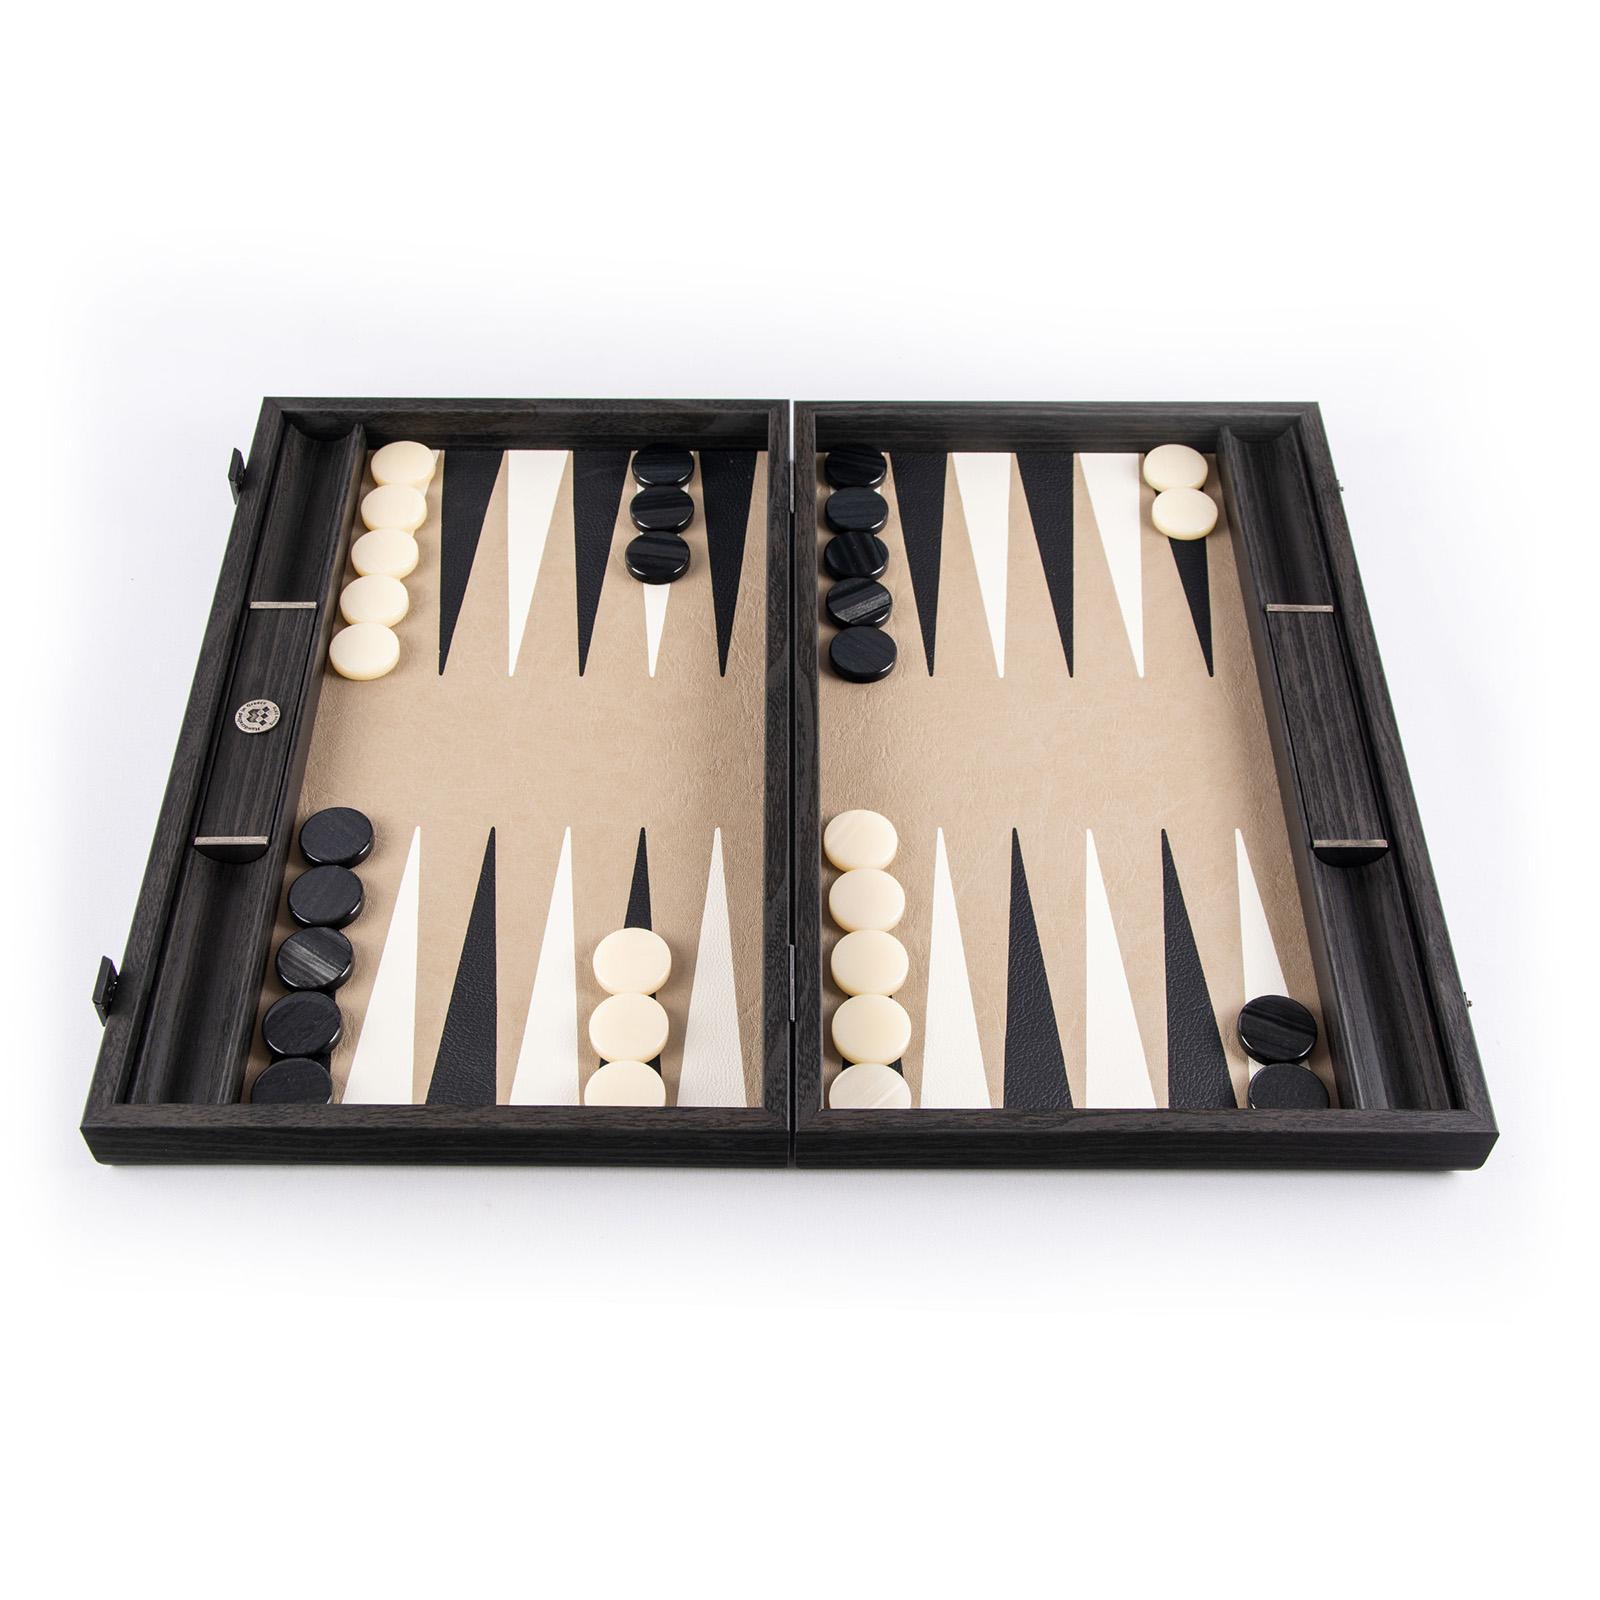 Backgammon-Set aus edlem Leder, handgefertigt 48x30 cm